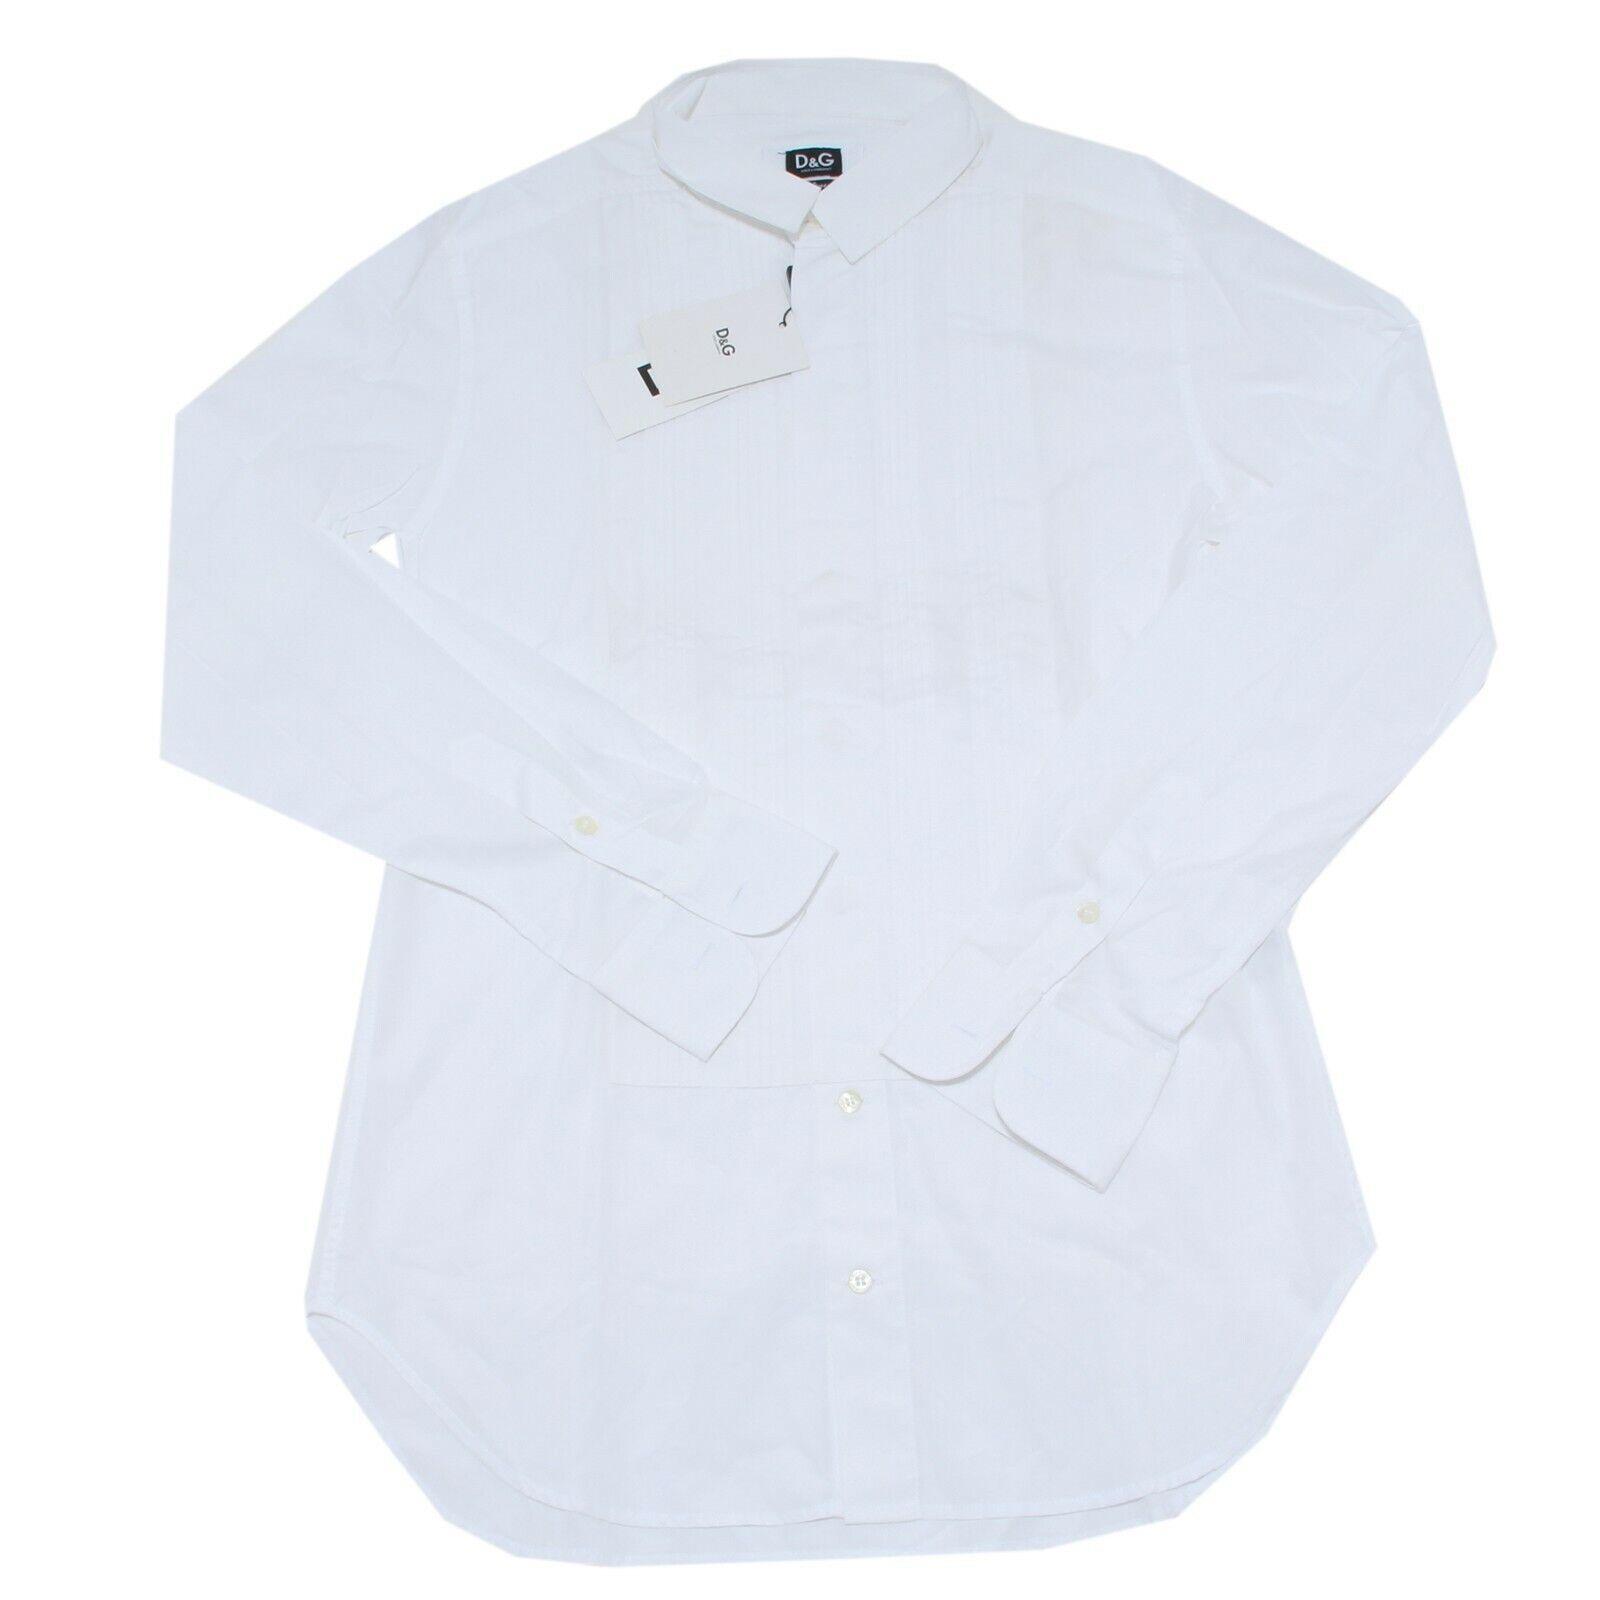 20996 camicia D&G CON rosso PIEGHE DAVANTI uomo shirt Uomo  SENZA GEMELLI